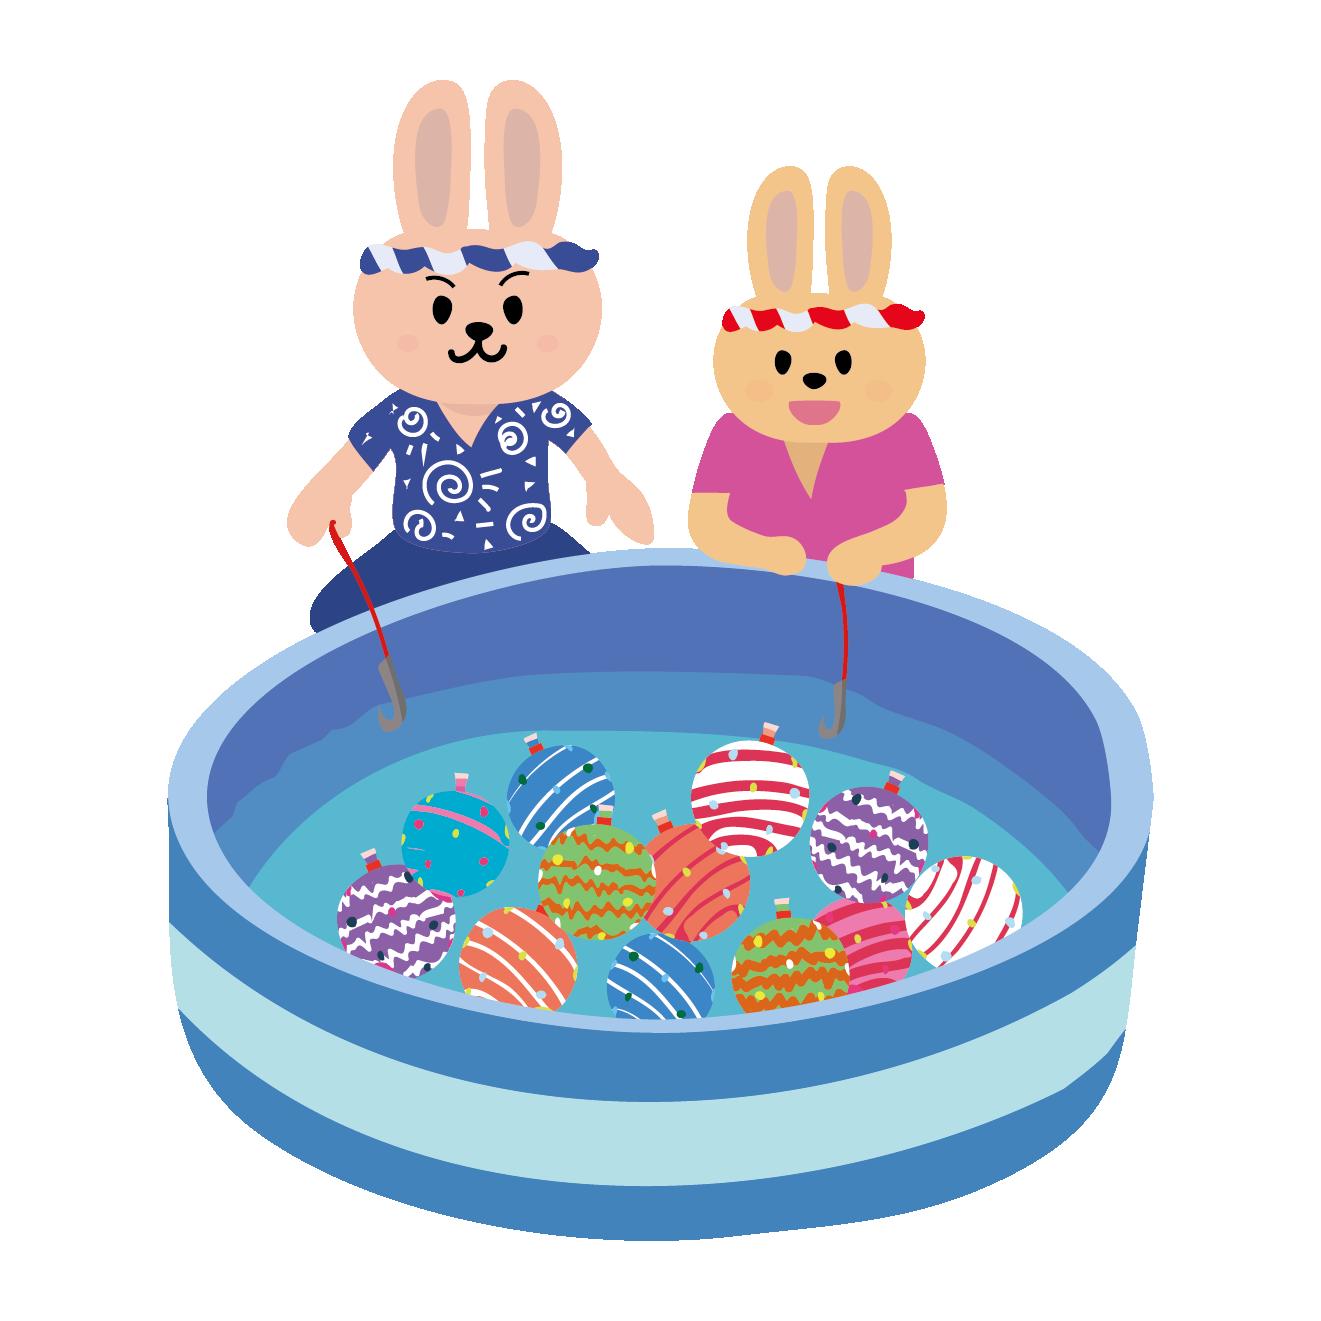 お祭り!ヨーヨー釣り(ヨーヨーすくい)を楽しむウサギの イラスト